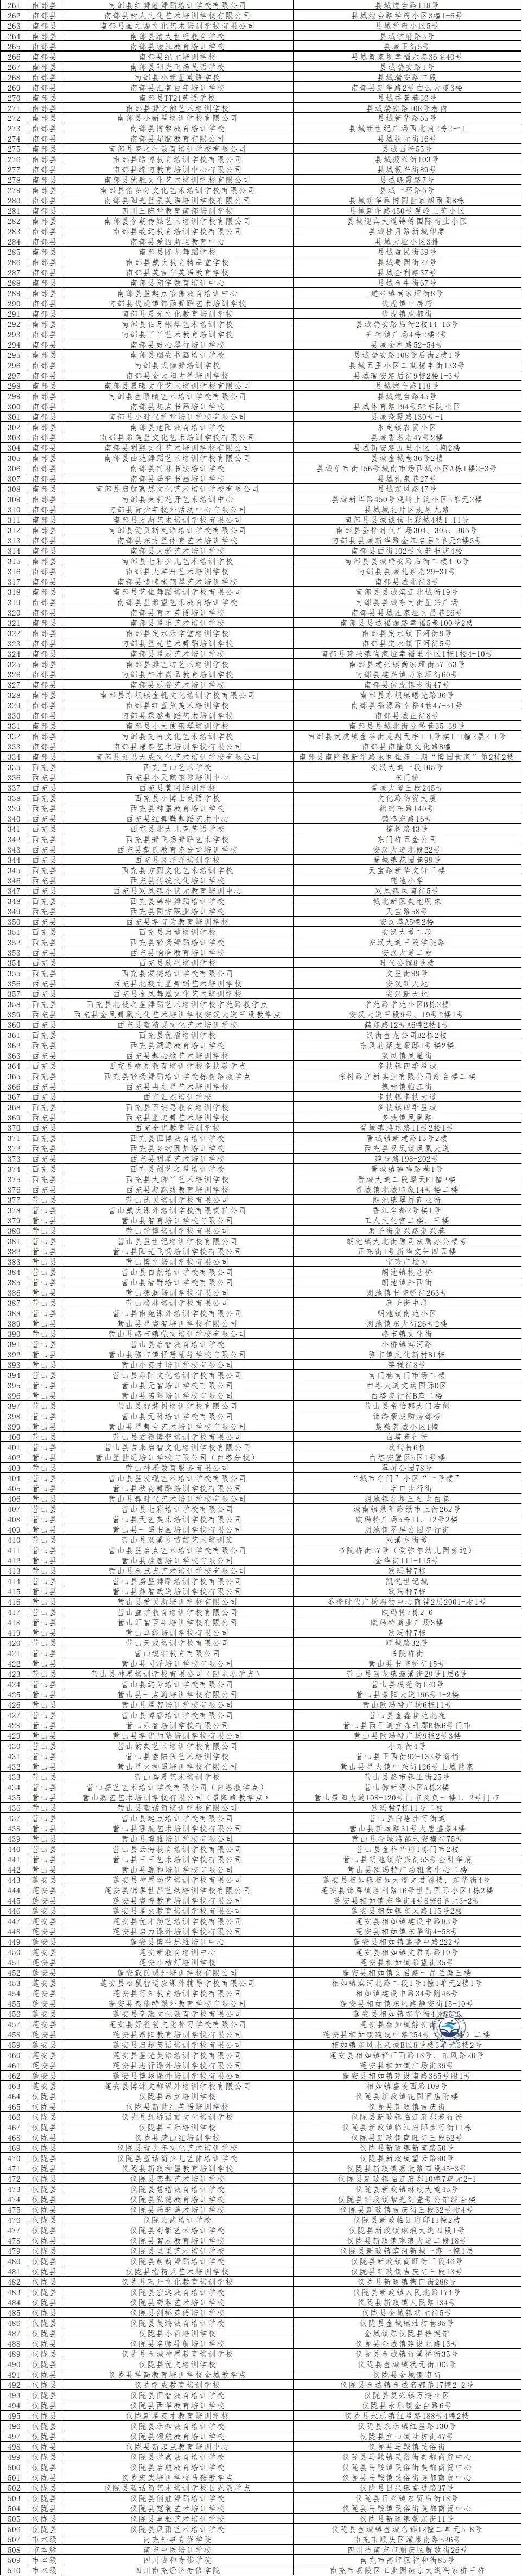 南充:最新!校外培训机构黑名单144家、白名单510家!